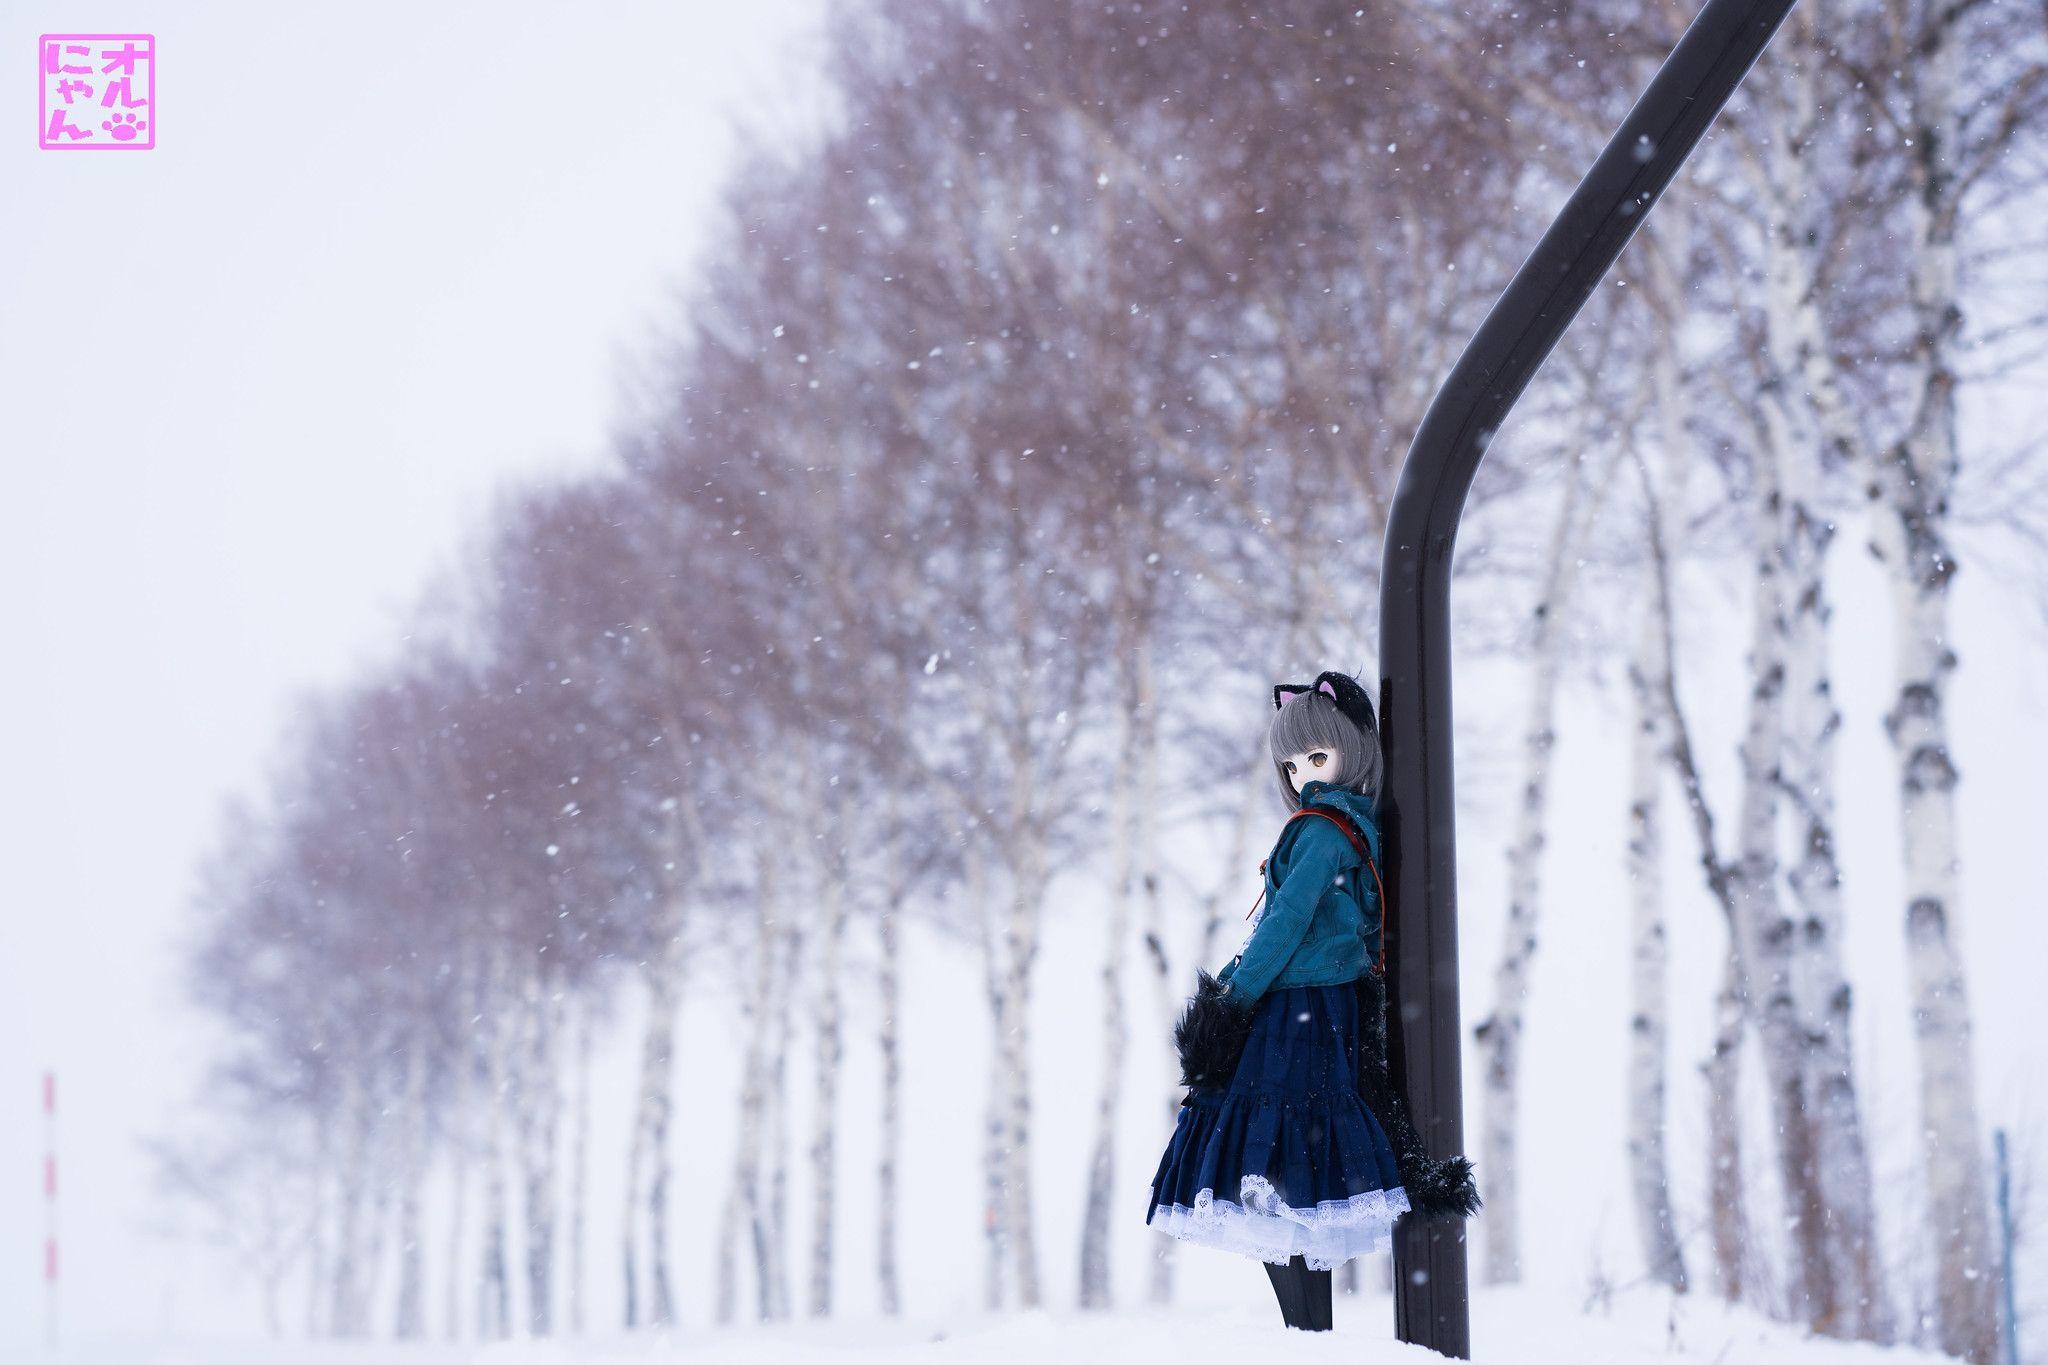 美瑛のポプラ並木 | bottlefairy | Flickr